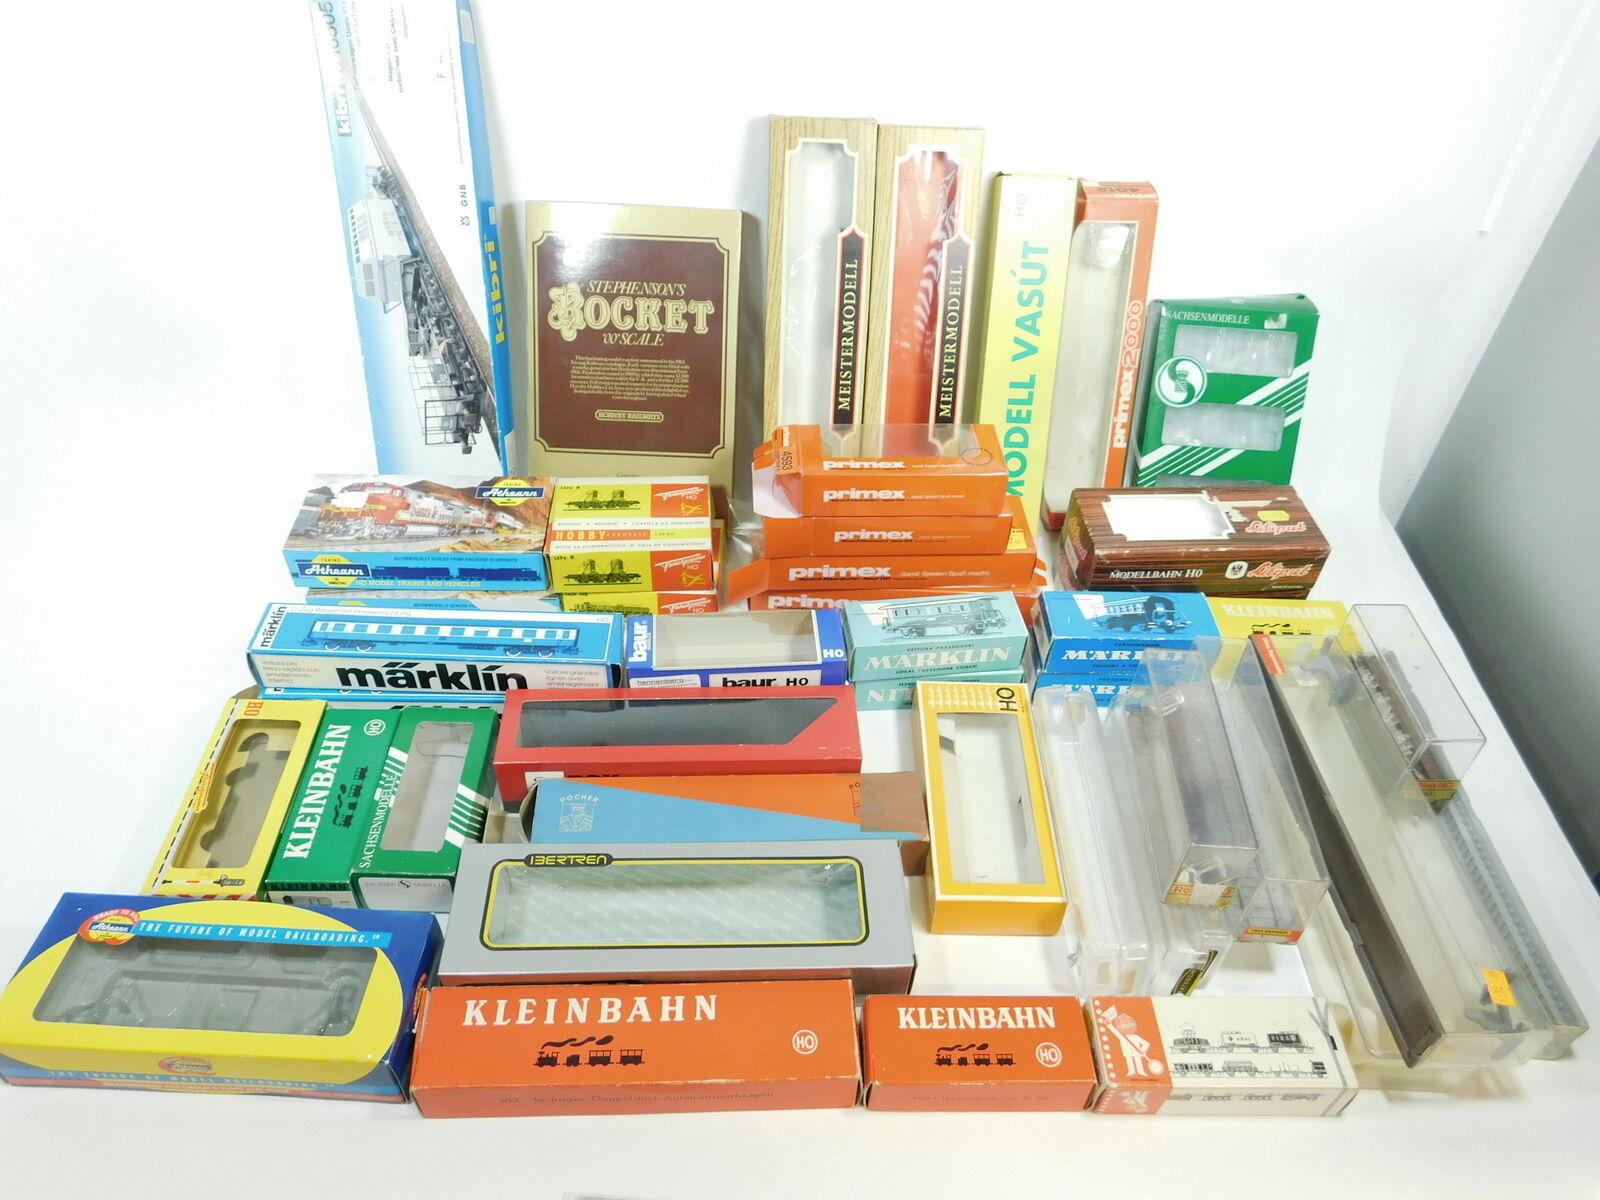 Bg908-4  45x h0 Empty Box (Liliput, Fleischmann, Marklin etc), Hobbyist s.g.